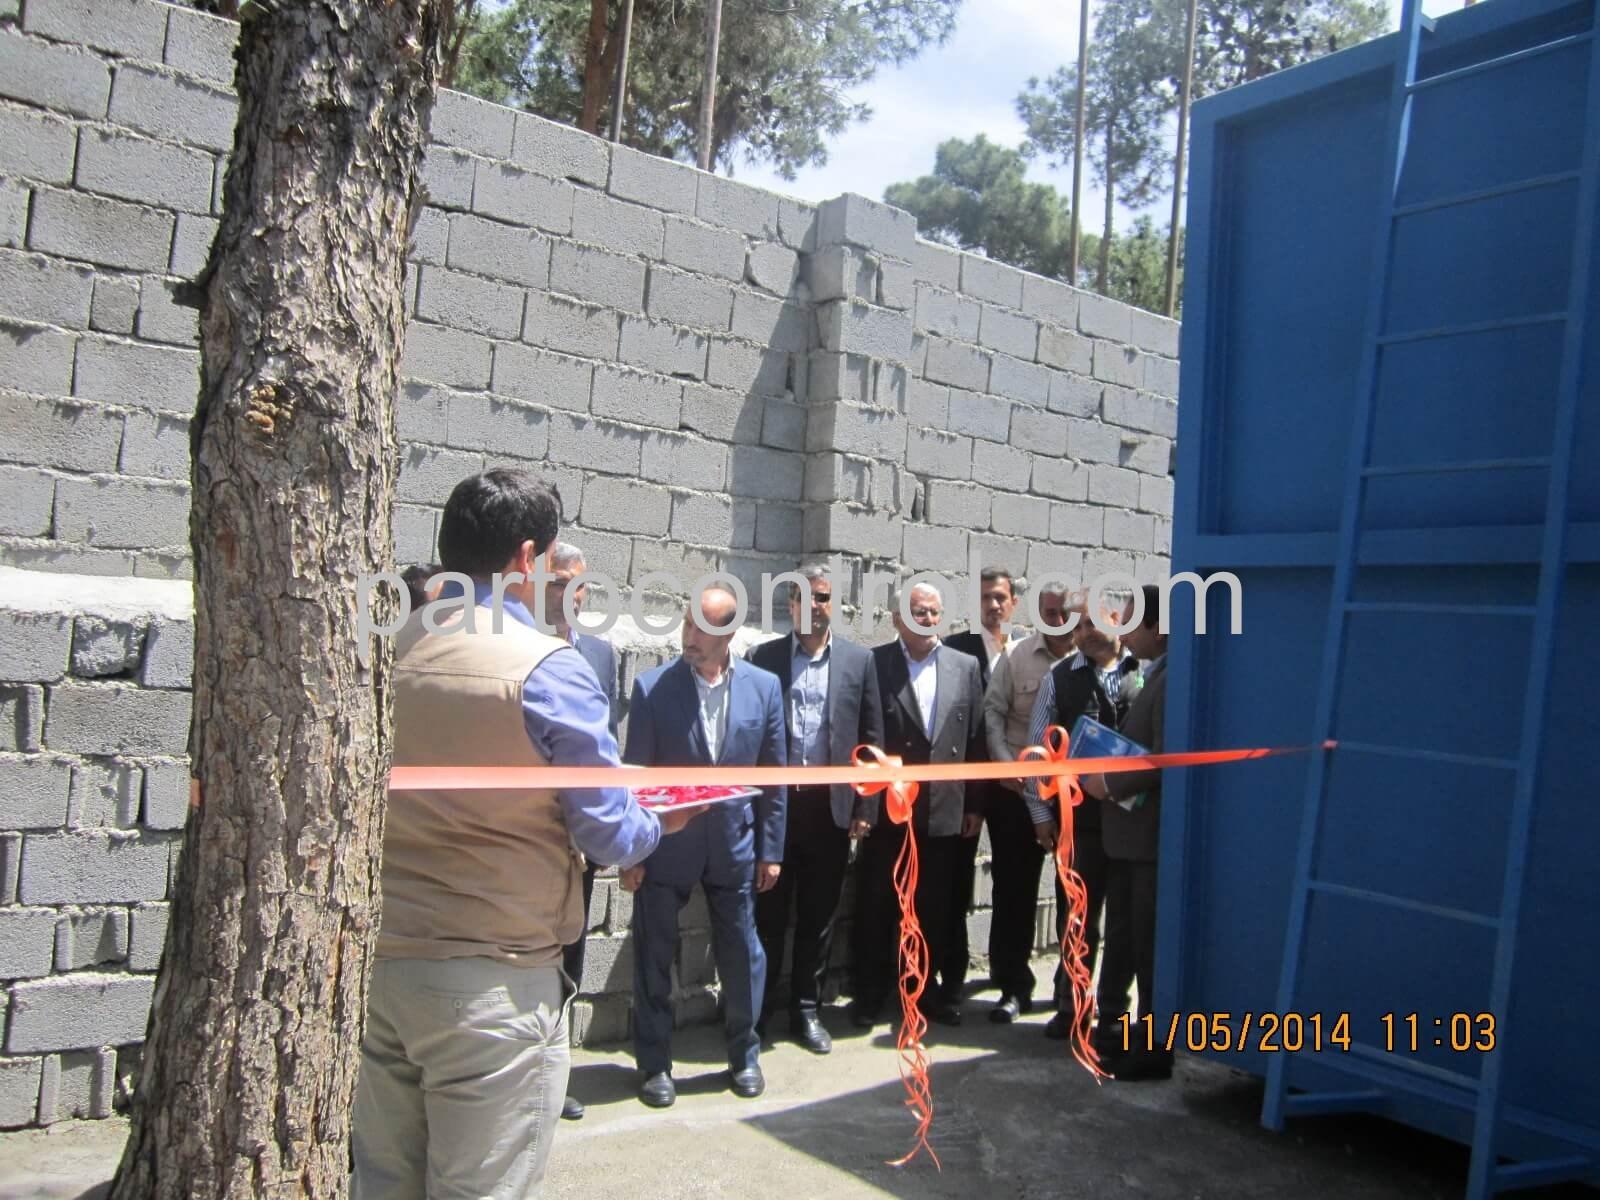 پکیج تصفیه فاضلاب کشتارگاه5Slaughterhouse wastewater treatment package - پروژه تصفیه فاضلاب کشتارگاه